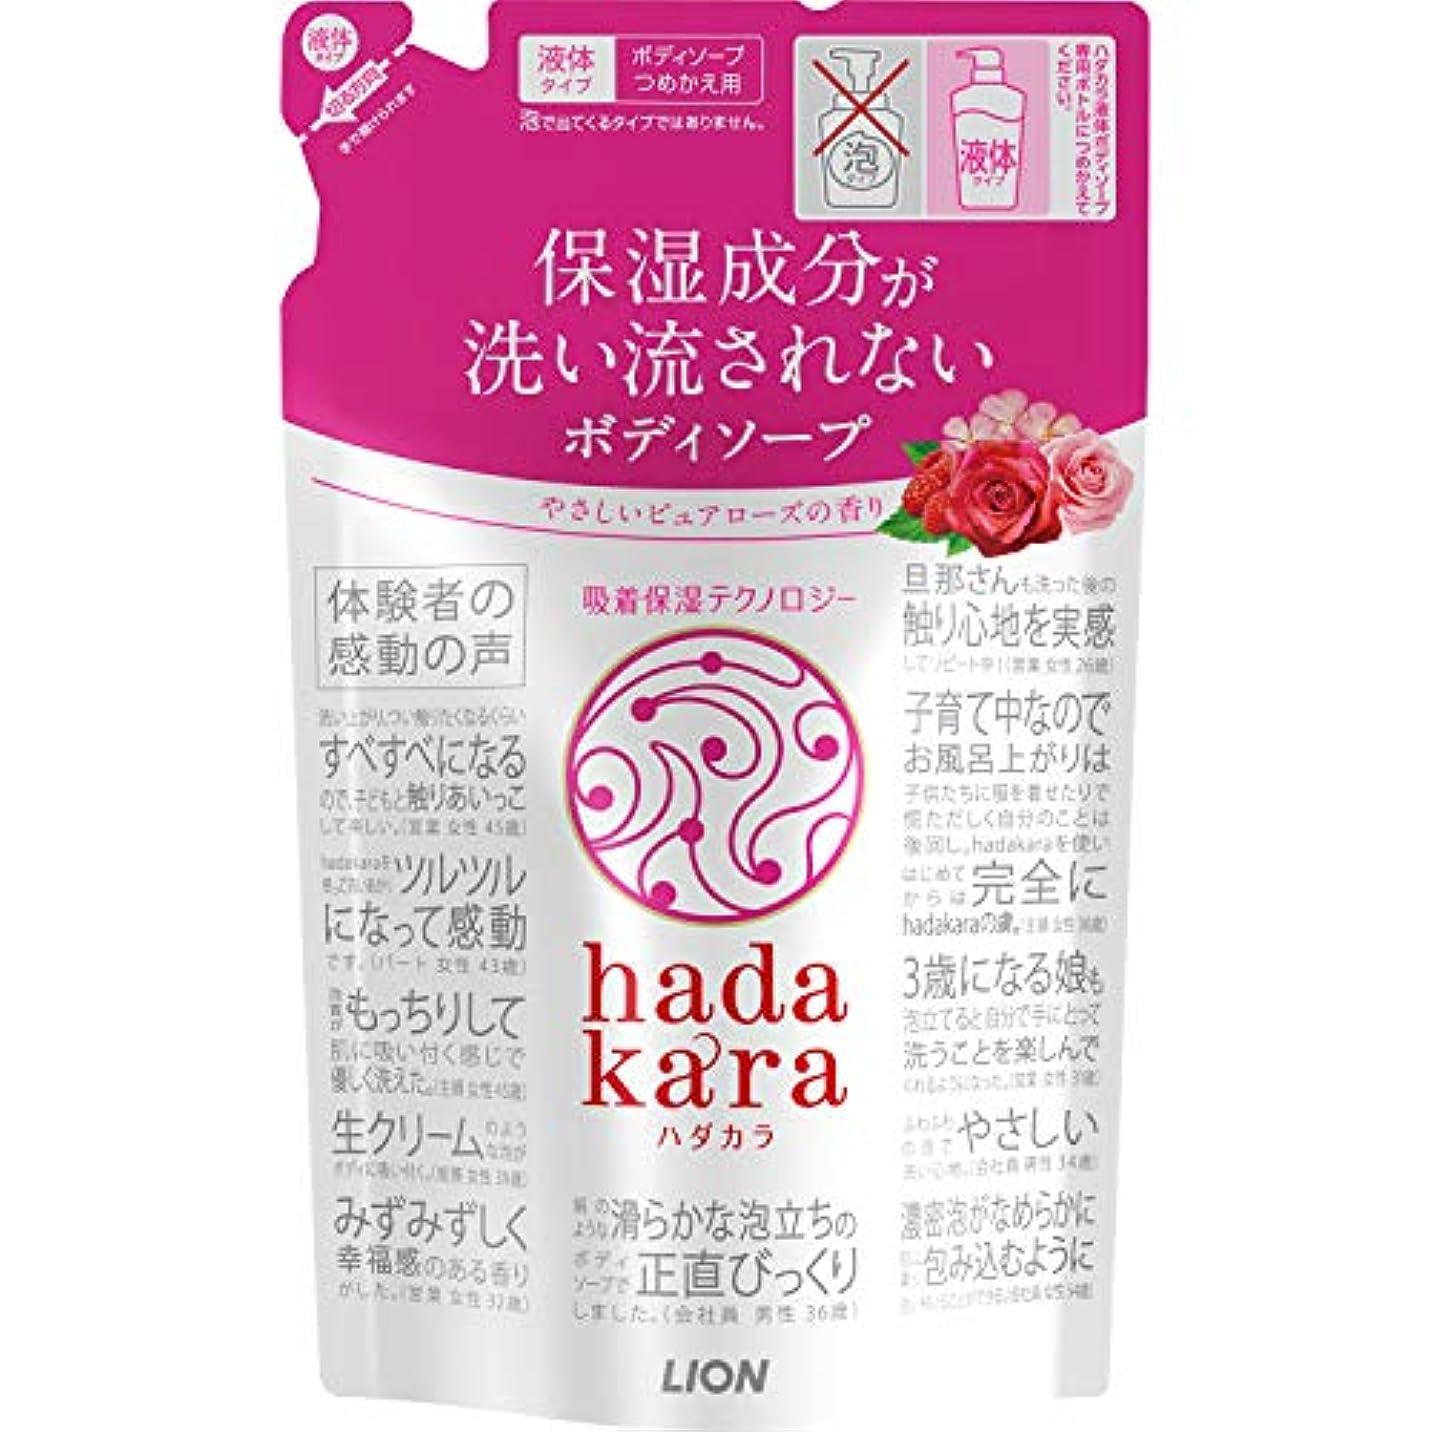 標準初期の中央値hadakara ボディソープピュアローズ 詰替 360ml